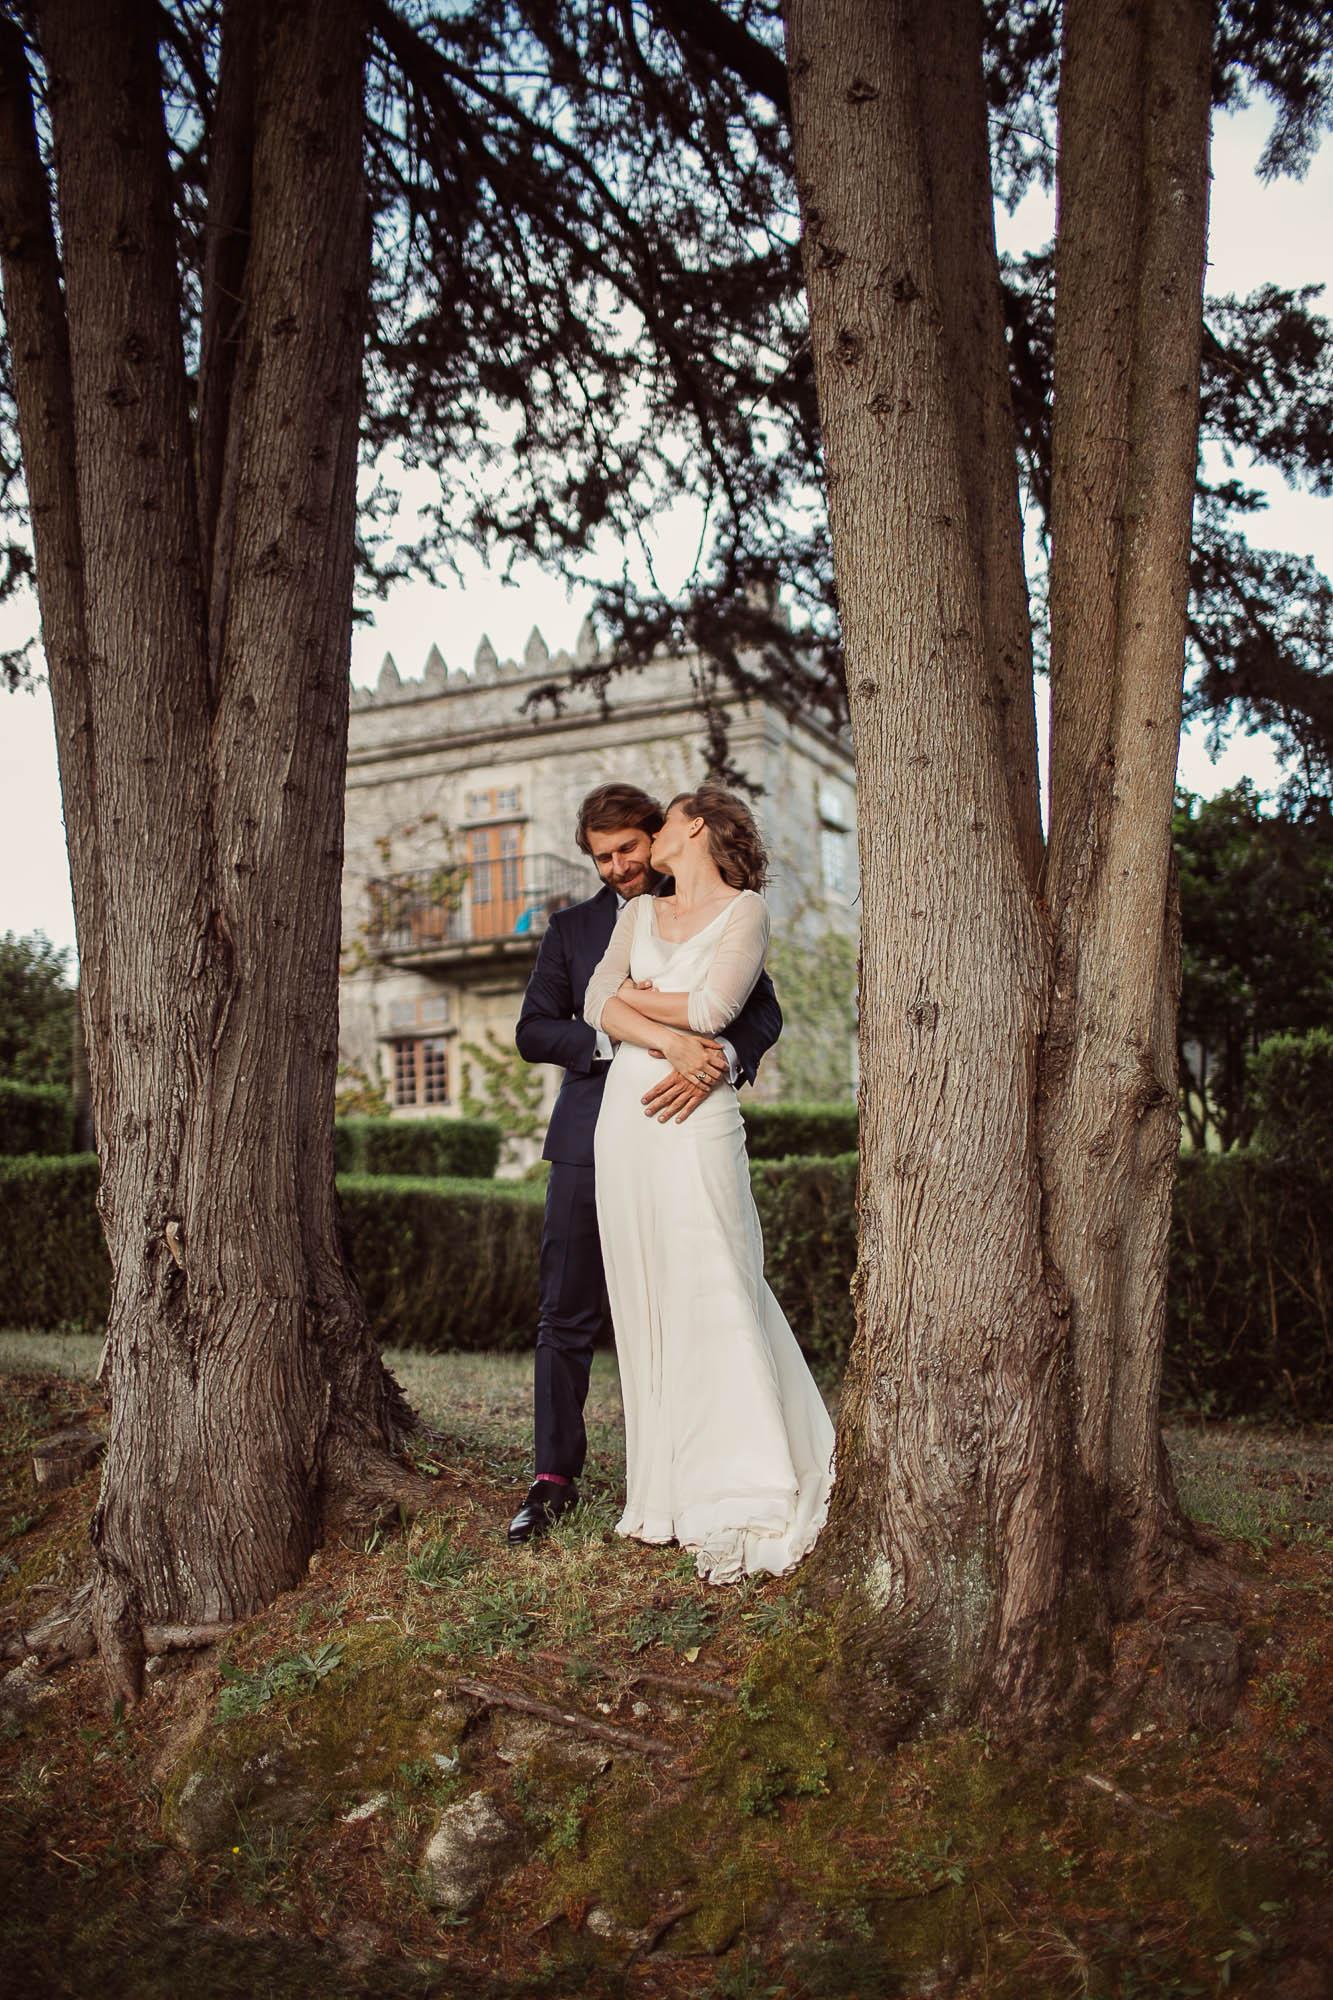 El novio abrazando a su mujer por dentras entre dos pinos mientras ella se gira para darle un beso